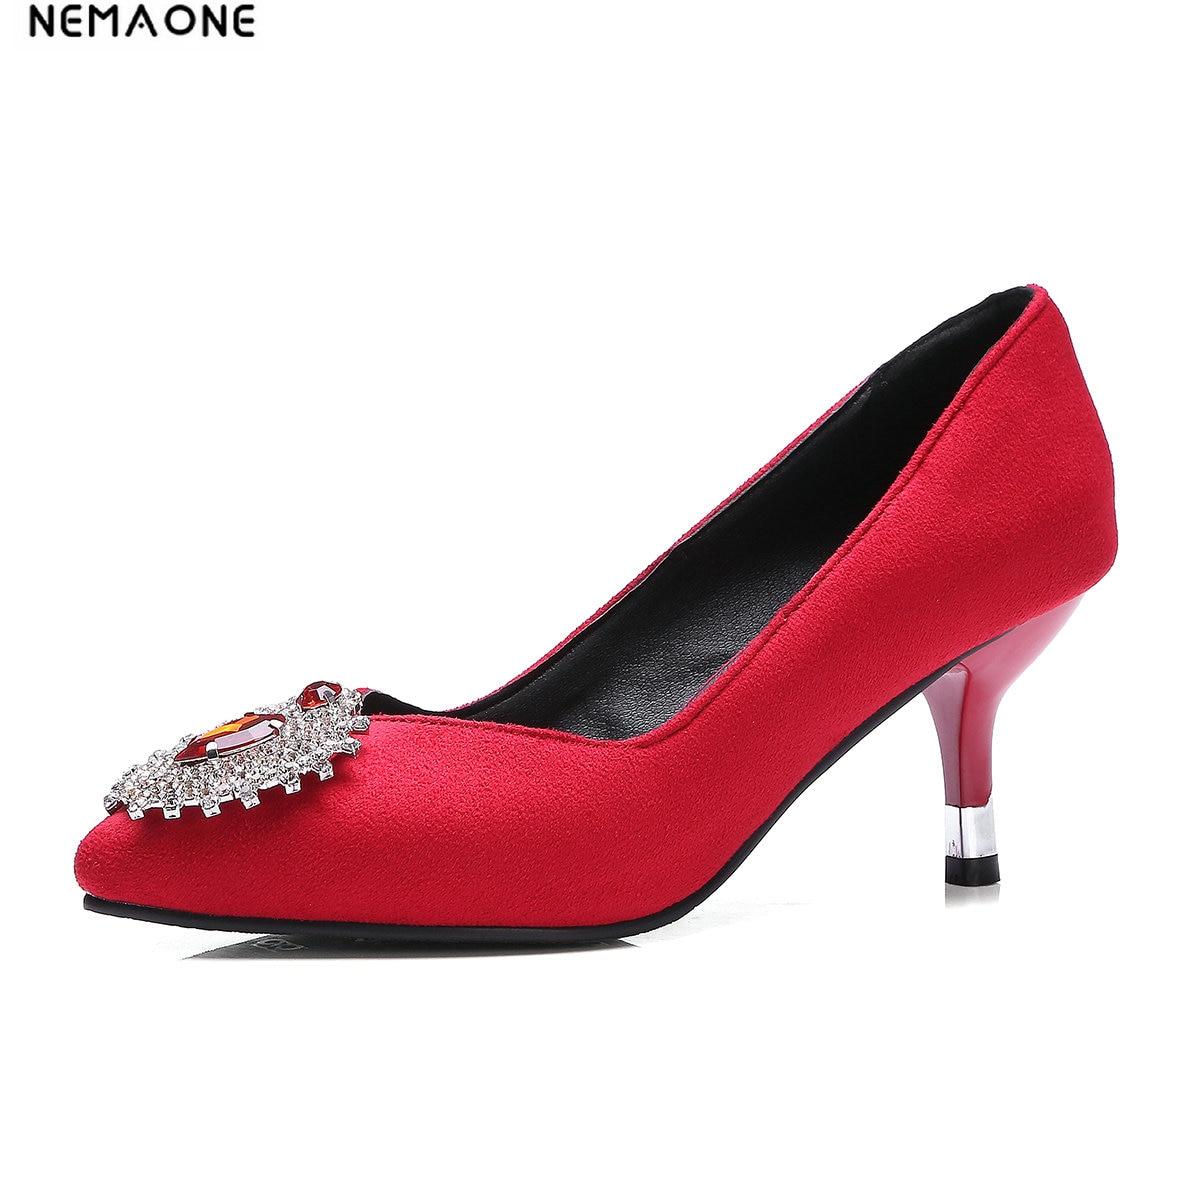 Nemaone Frauen Pumpen Kristall High Heels Schuhe 2019 Frühling Frauen Schuhe Mode Spitz High Heels Hochzeit Schuhe Schuhe